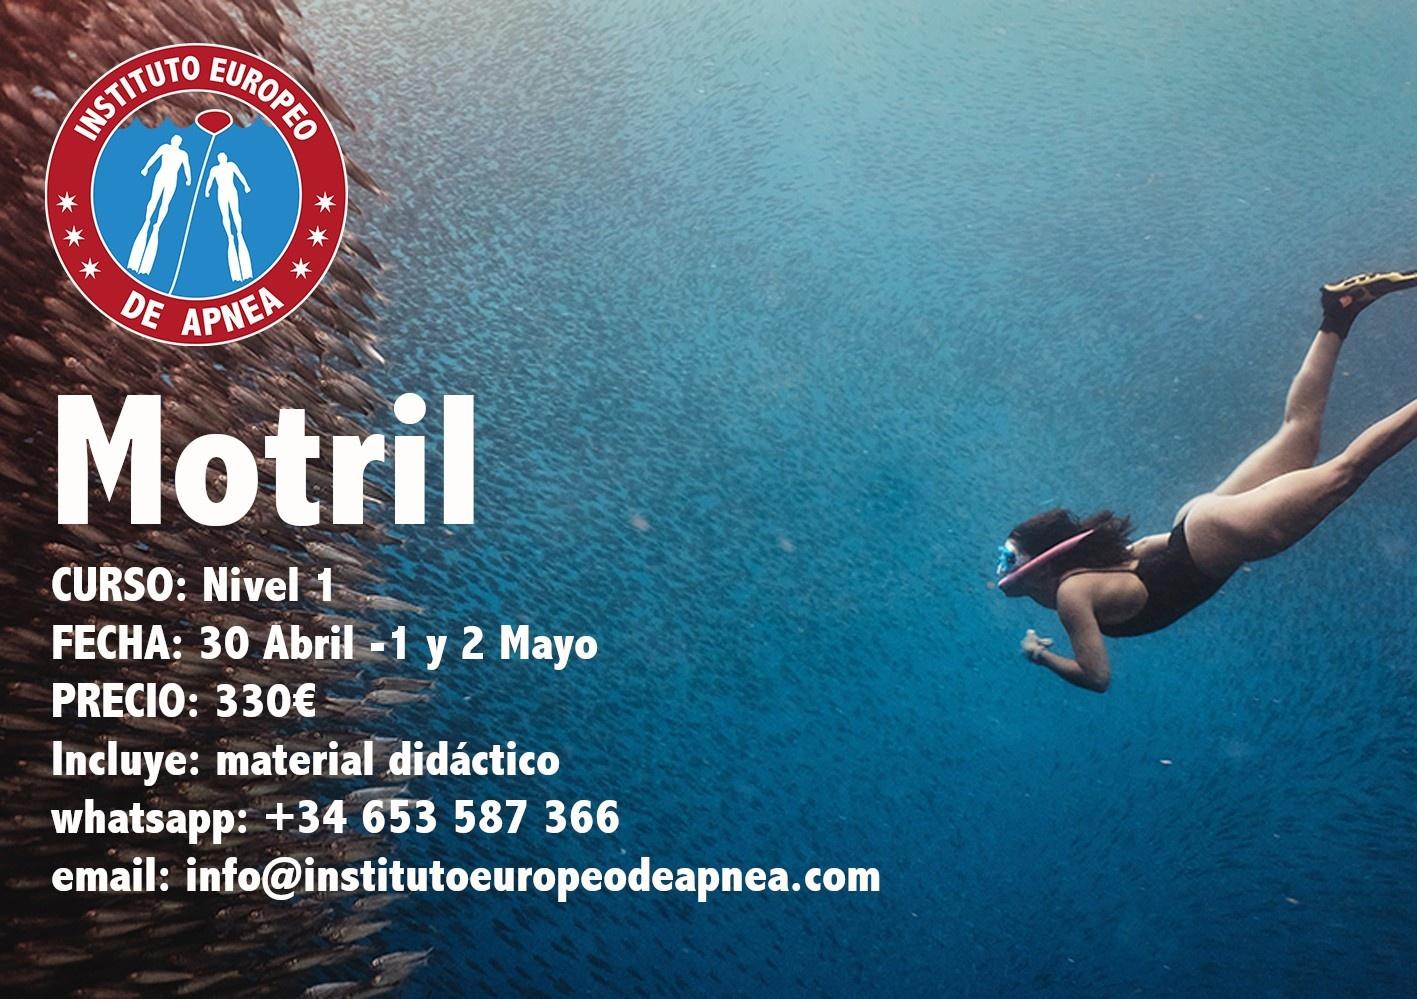 Curso de apnea en Granada - Motril